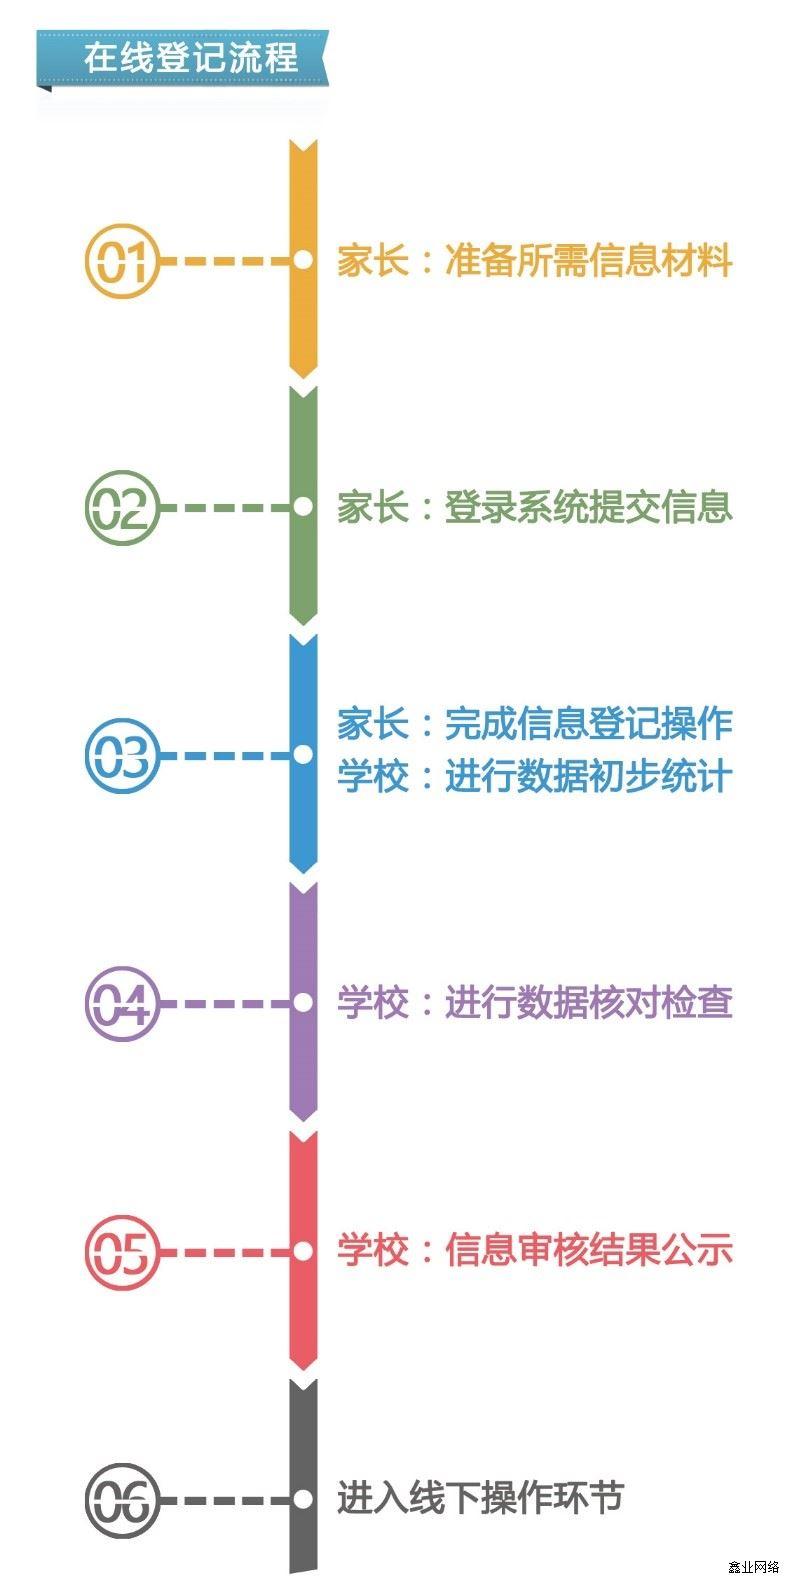 新生登记系统方案1.jpg